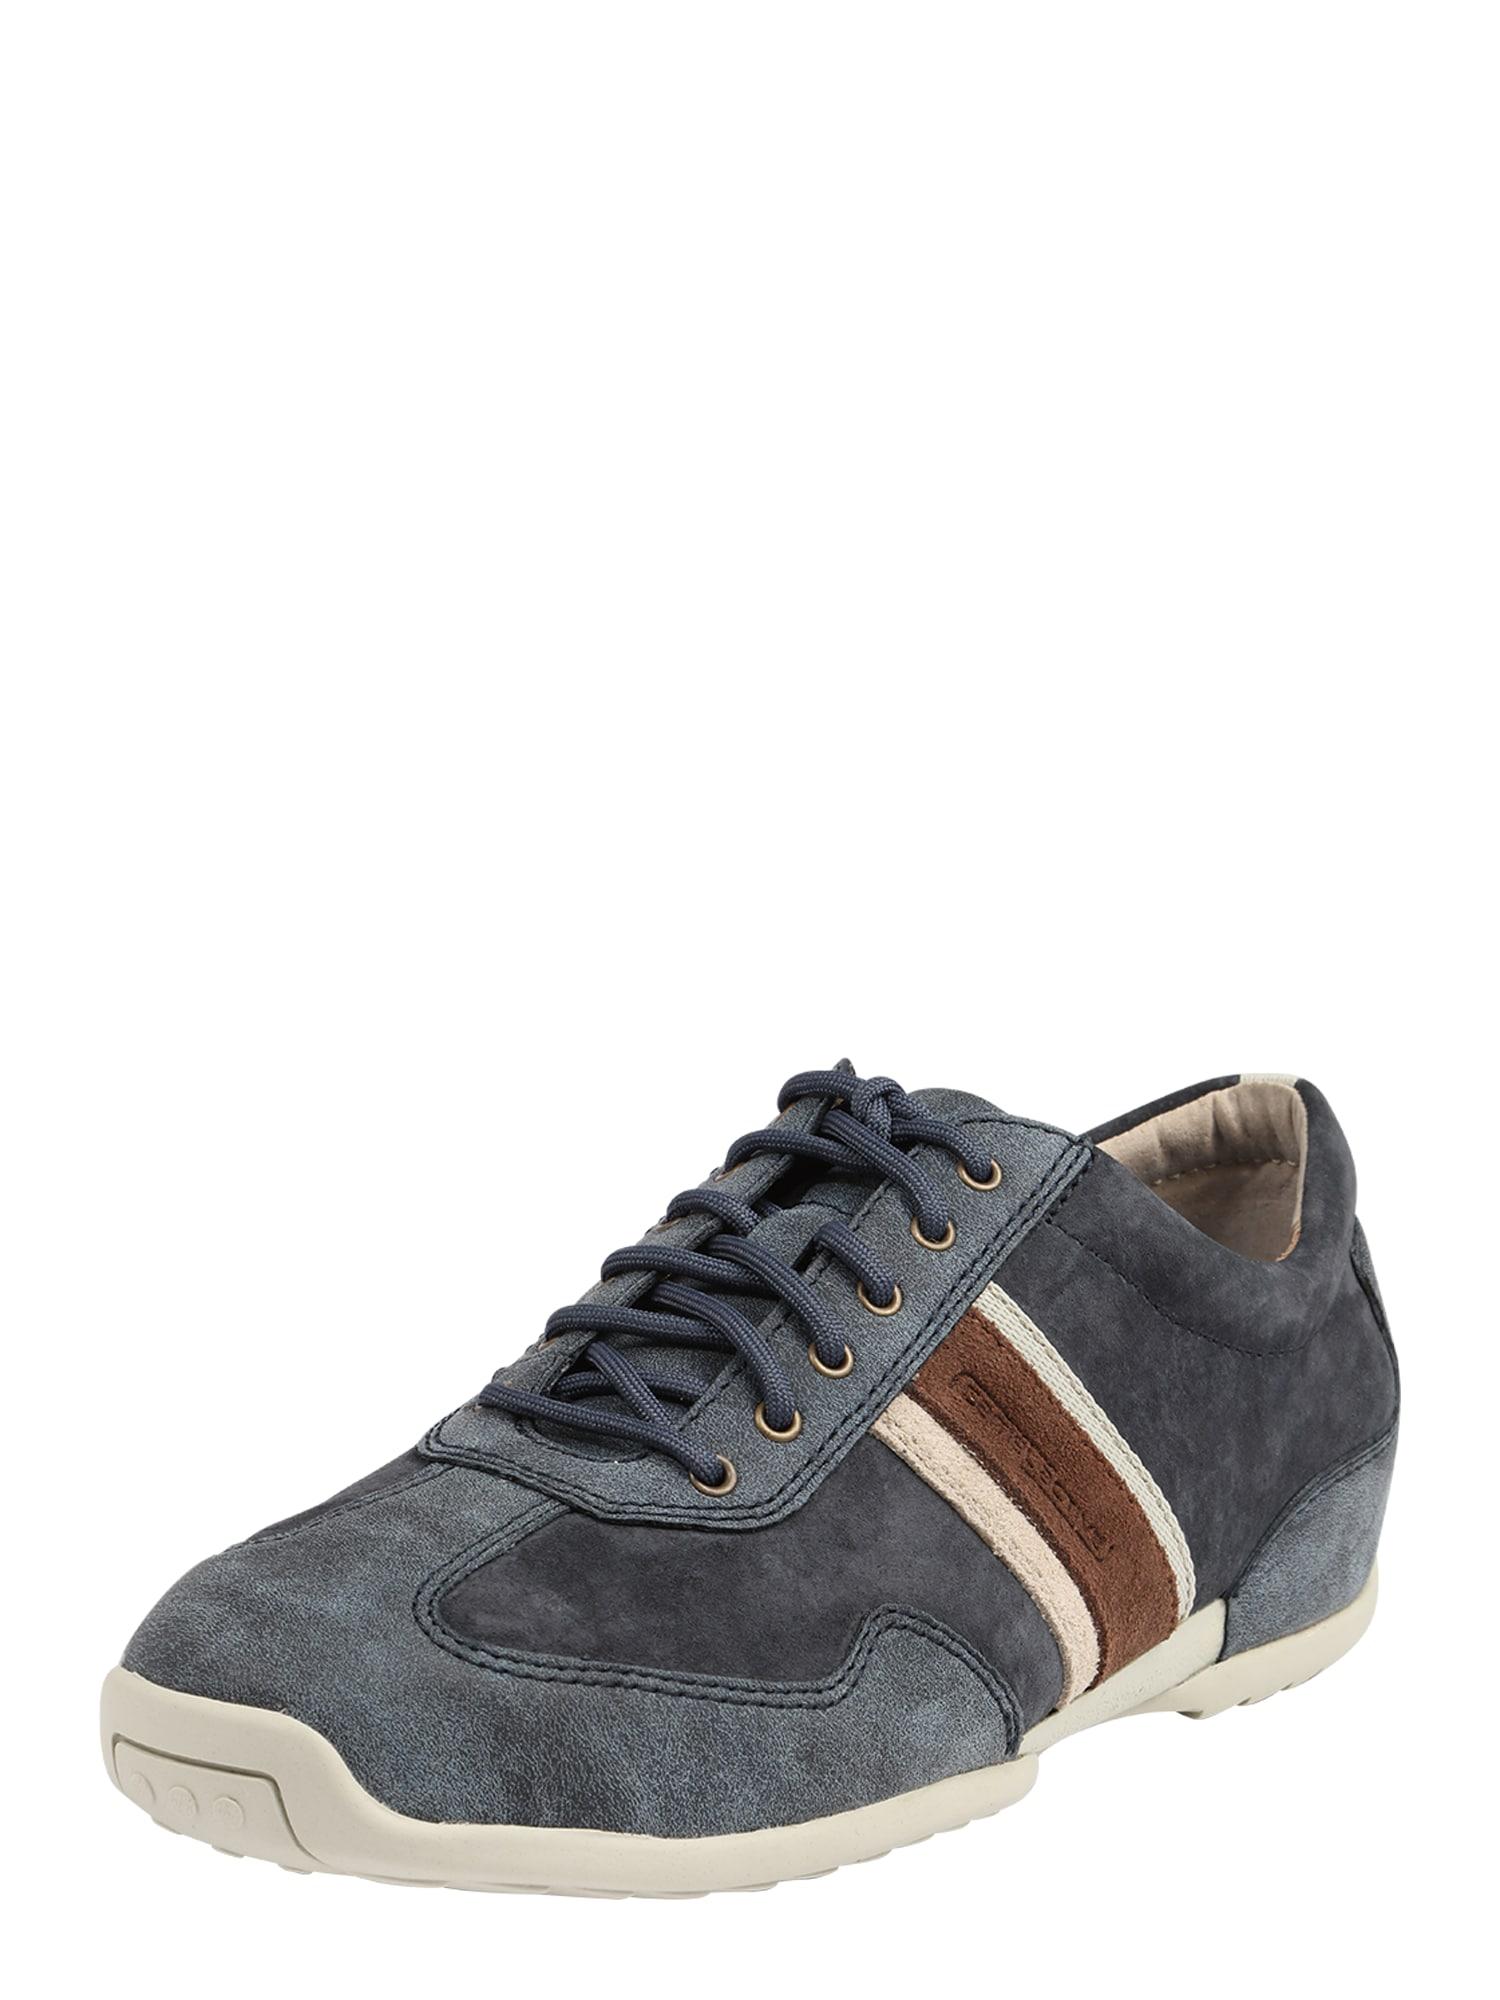 00e4b440080f25 Sneaker Low Space auf Rechnung kaufen